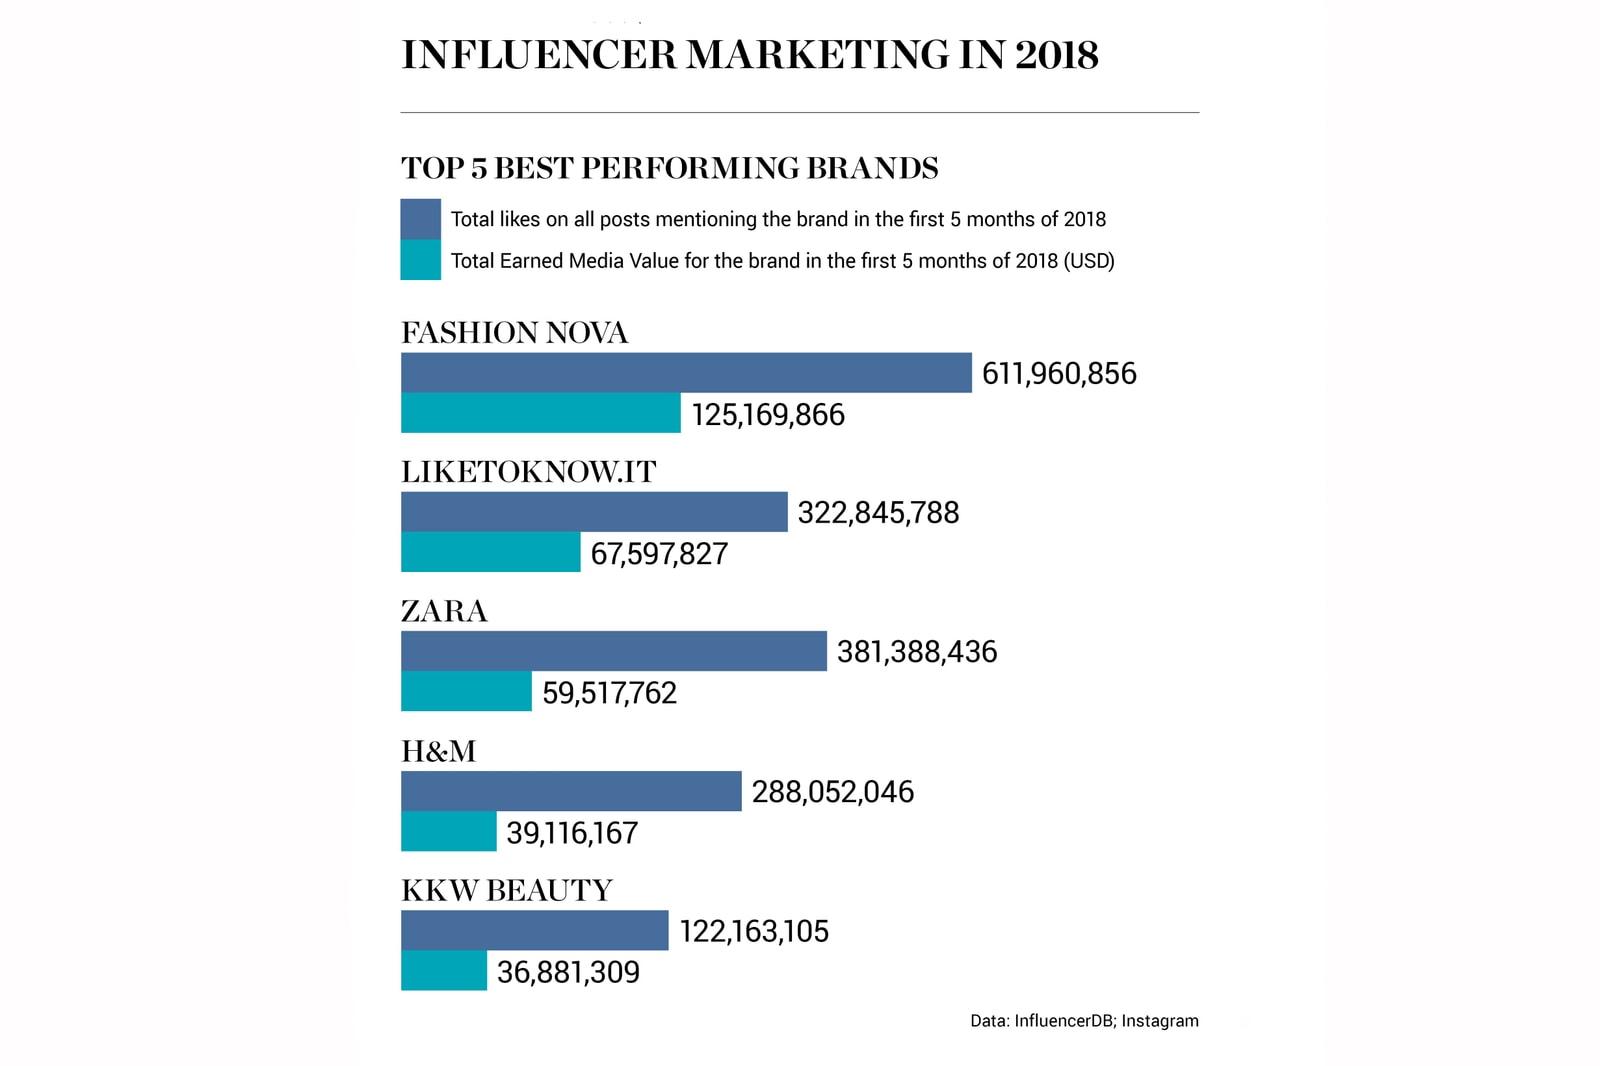 營銷平台 InfluencerDB 統計 2018 上半年頭五大具媒體價值品牌